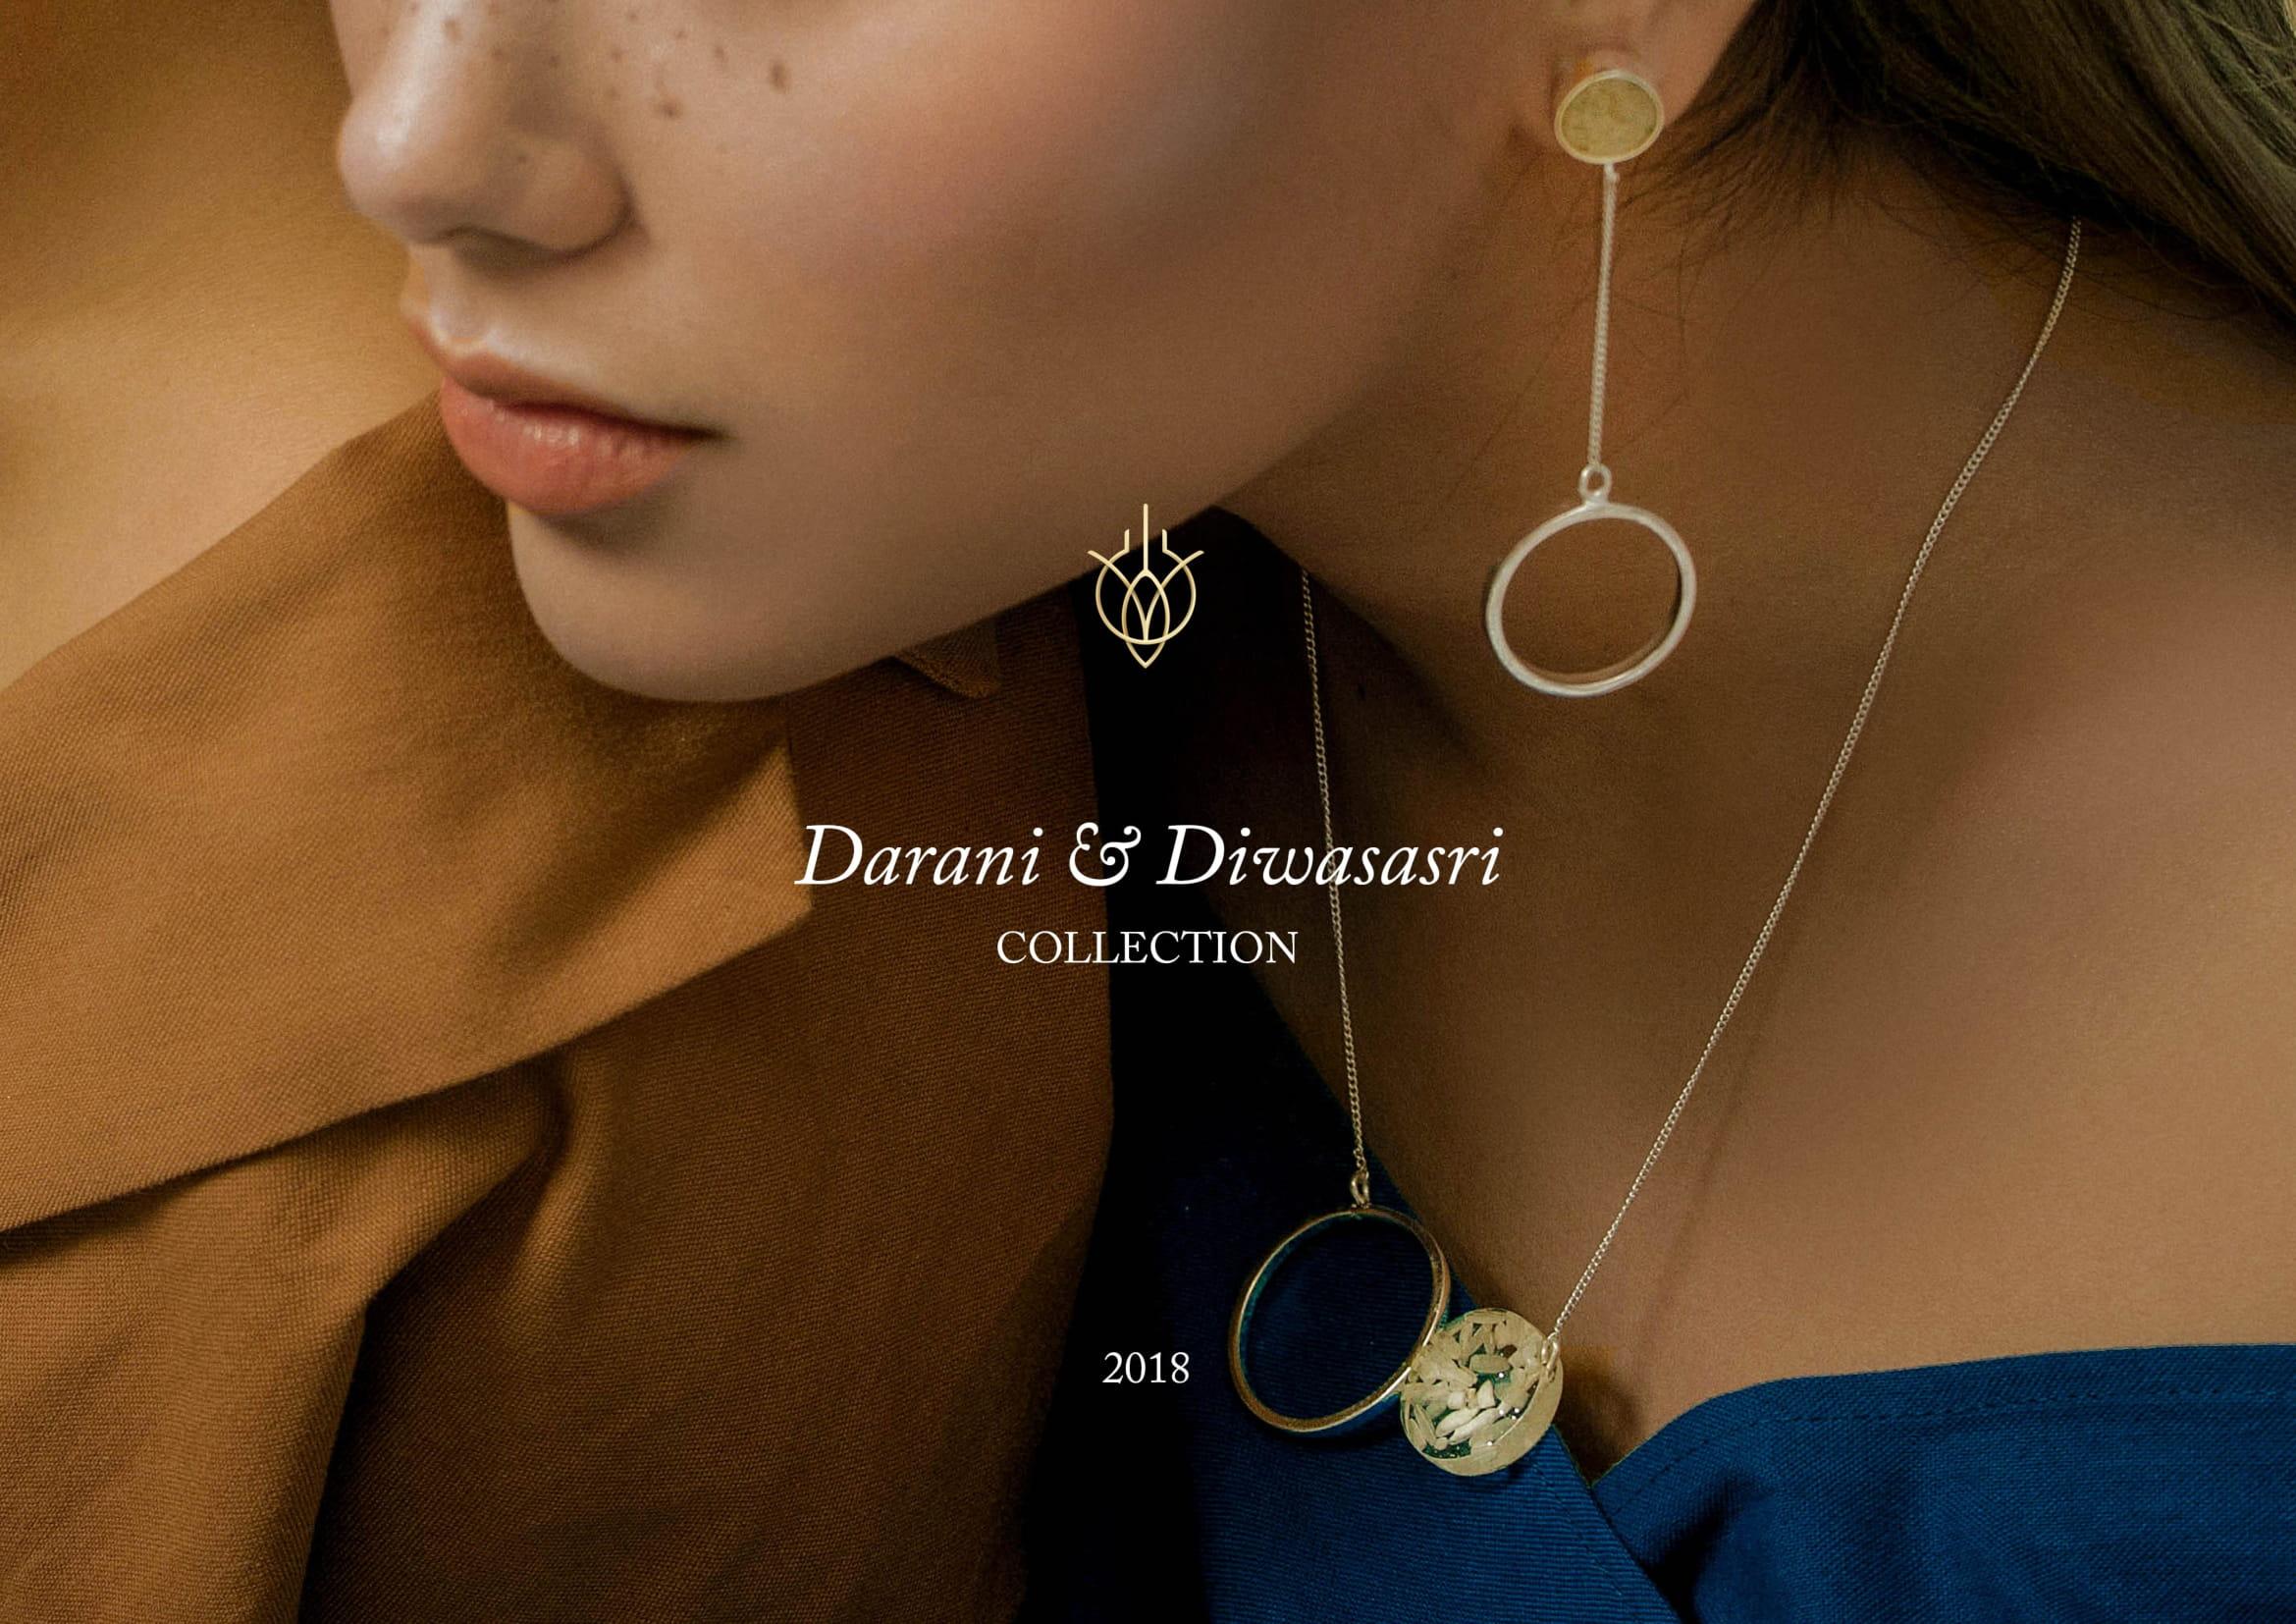 Darani Diwasasri Collection